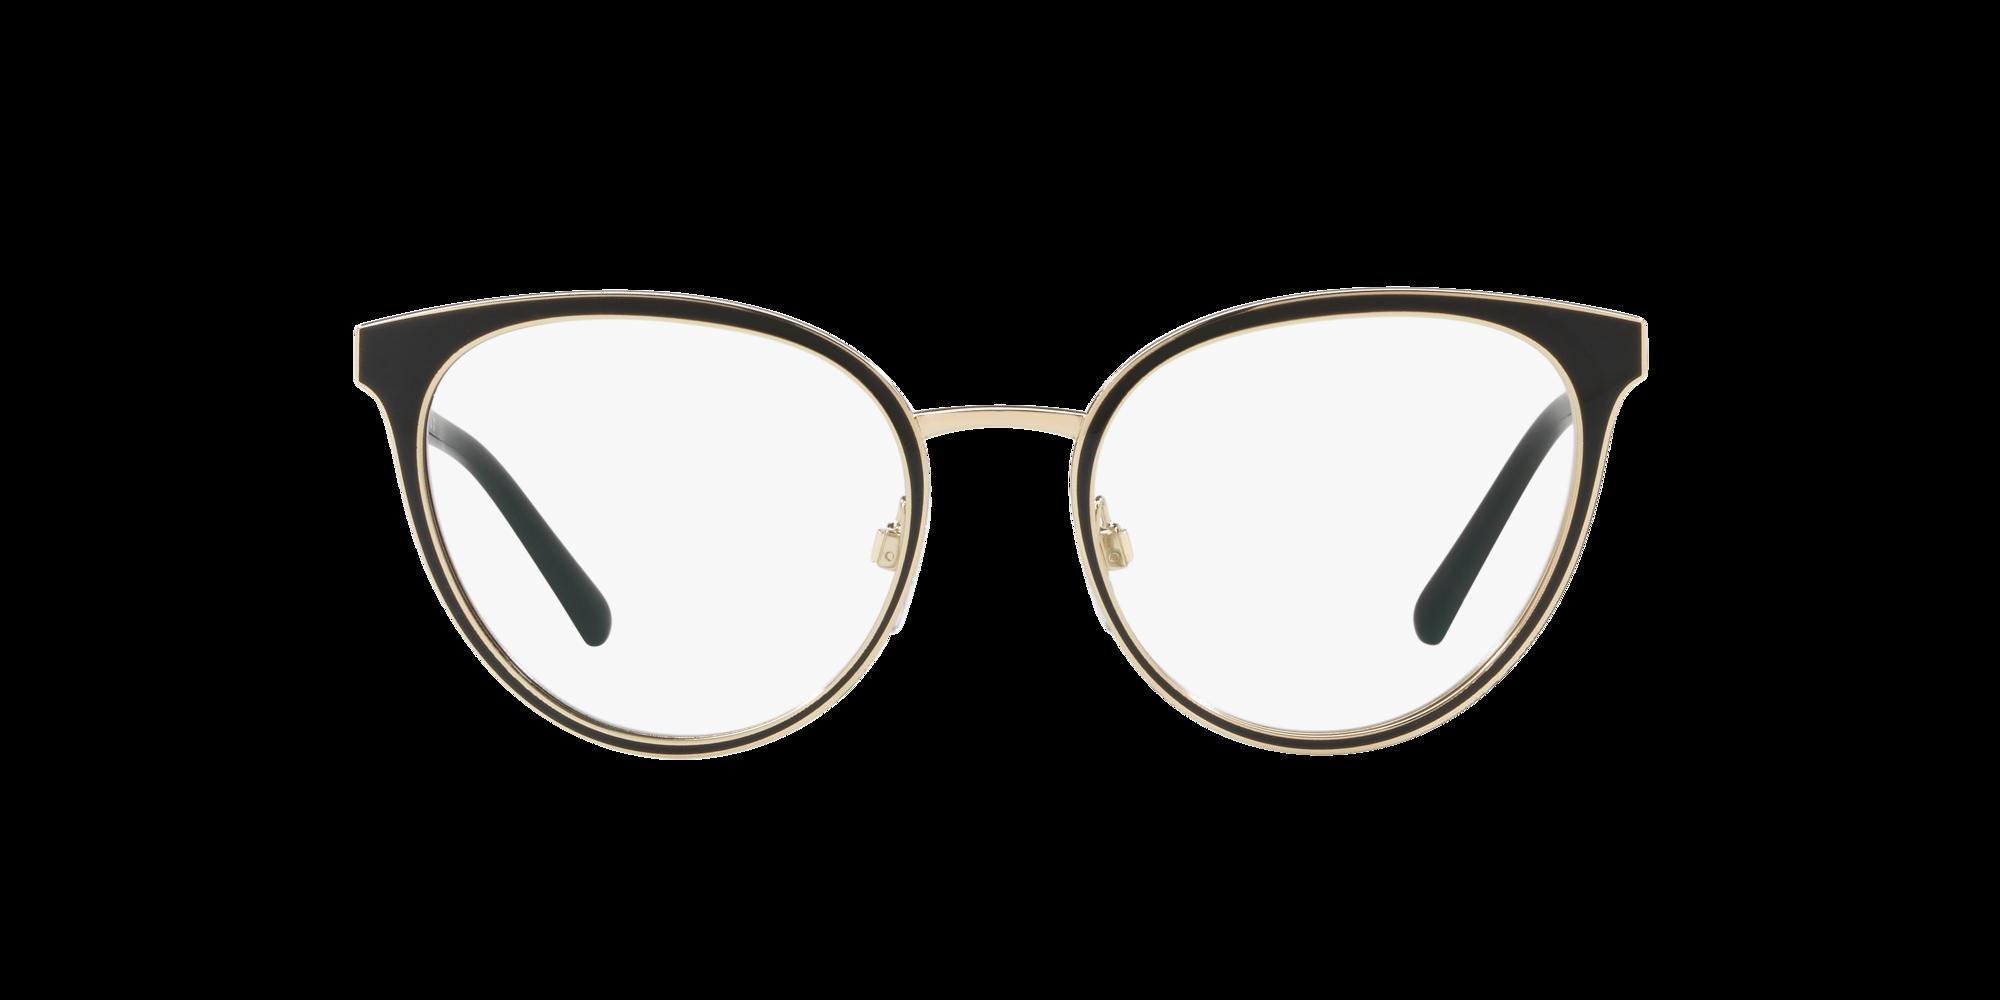 Imagen para BE1324 de LensCrafters |  Espejuelos, espejuelos graduados en línea, gafas